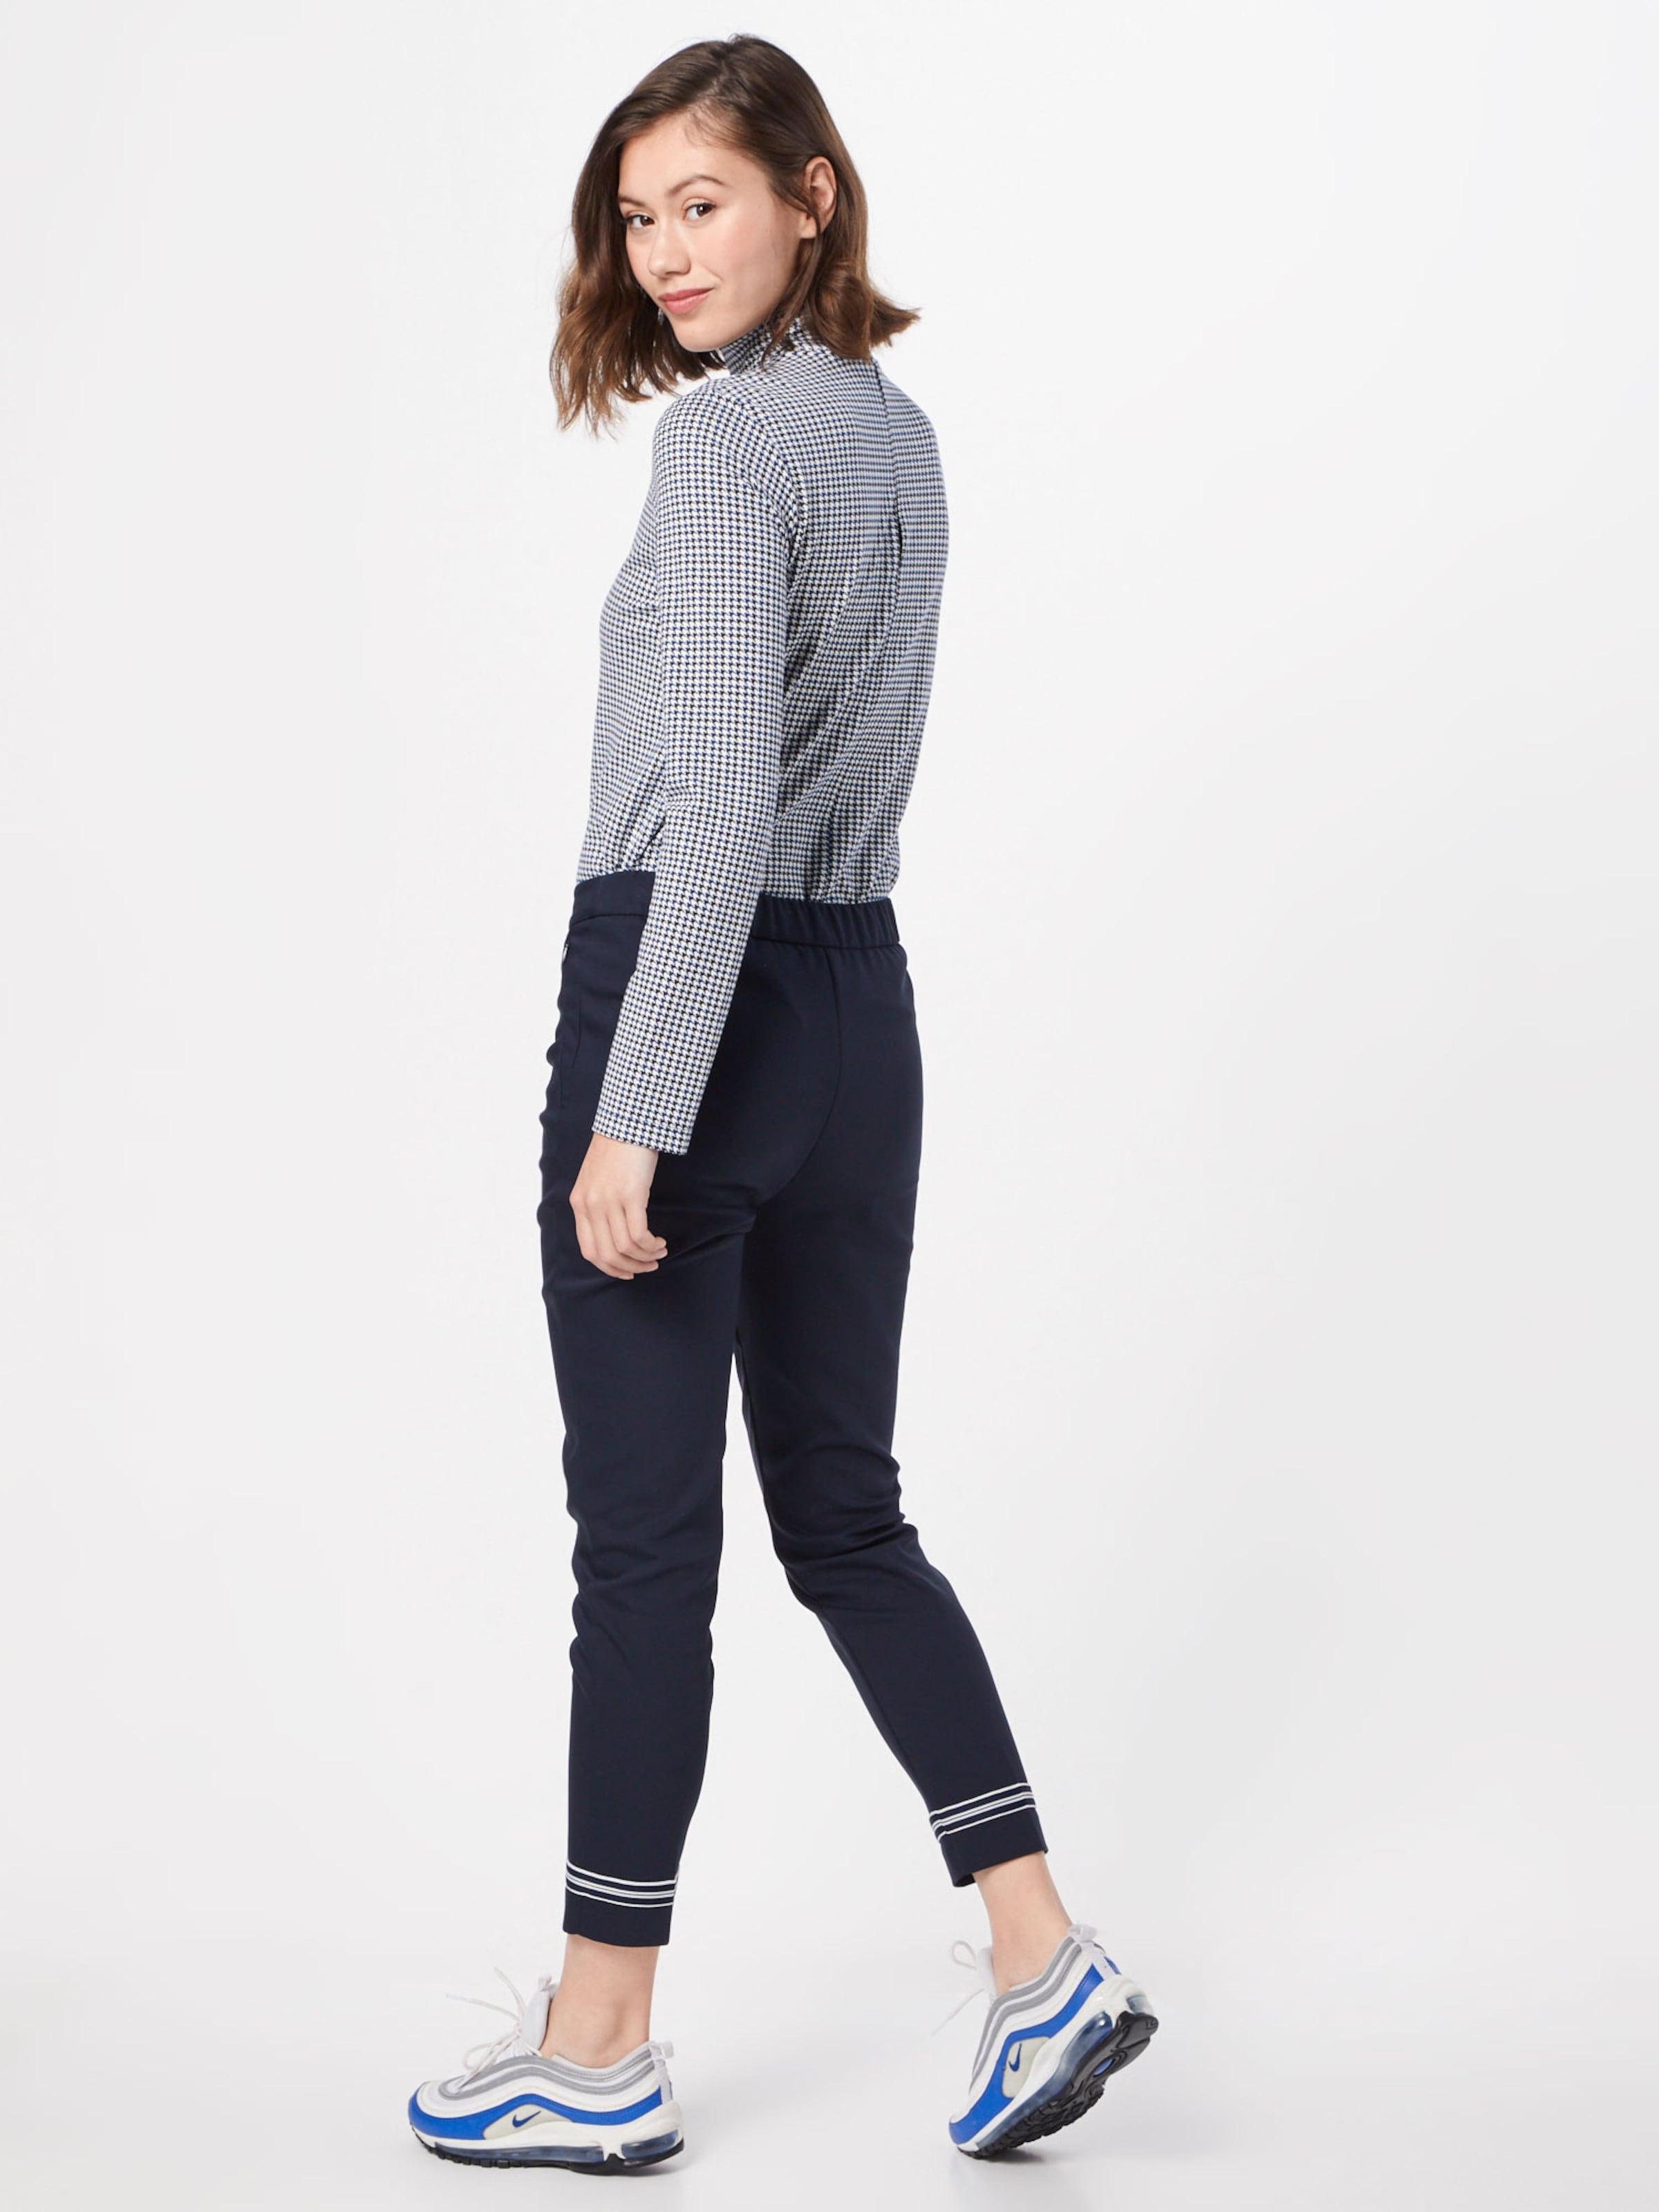 Pantalon '82017' Laurel Pantalon Noir Laurel Noir Laurel Pantalon '82017' En En Yvf76gyb